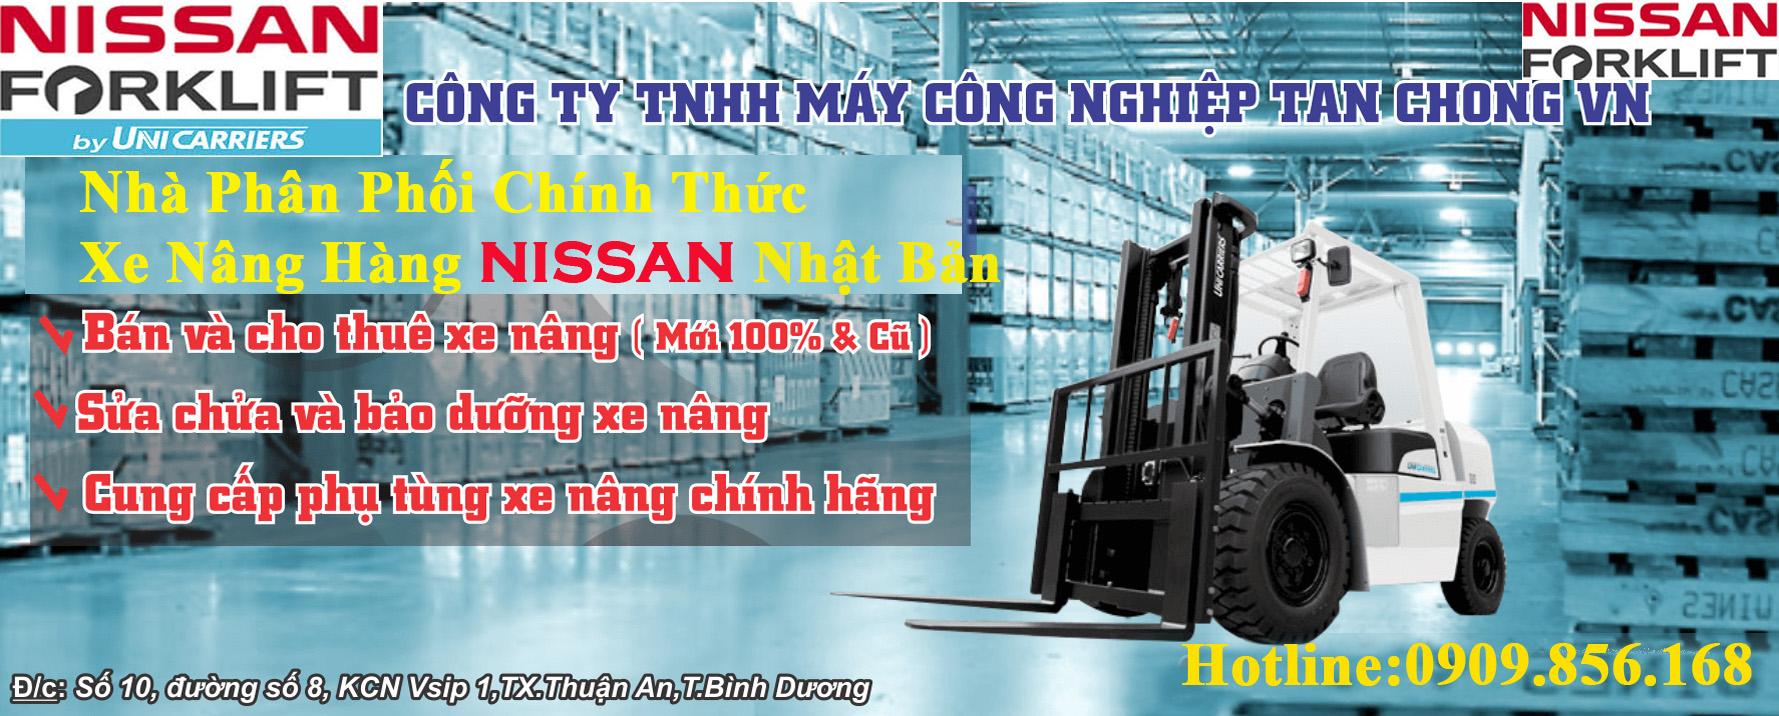 xe nâng hàng Nissan Unicarriers - Nhà phân phối xe nâng chất lượng hàng đầu tại Việt Nam